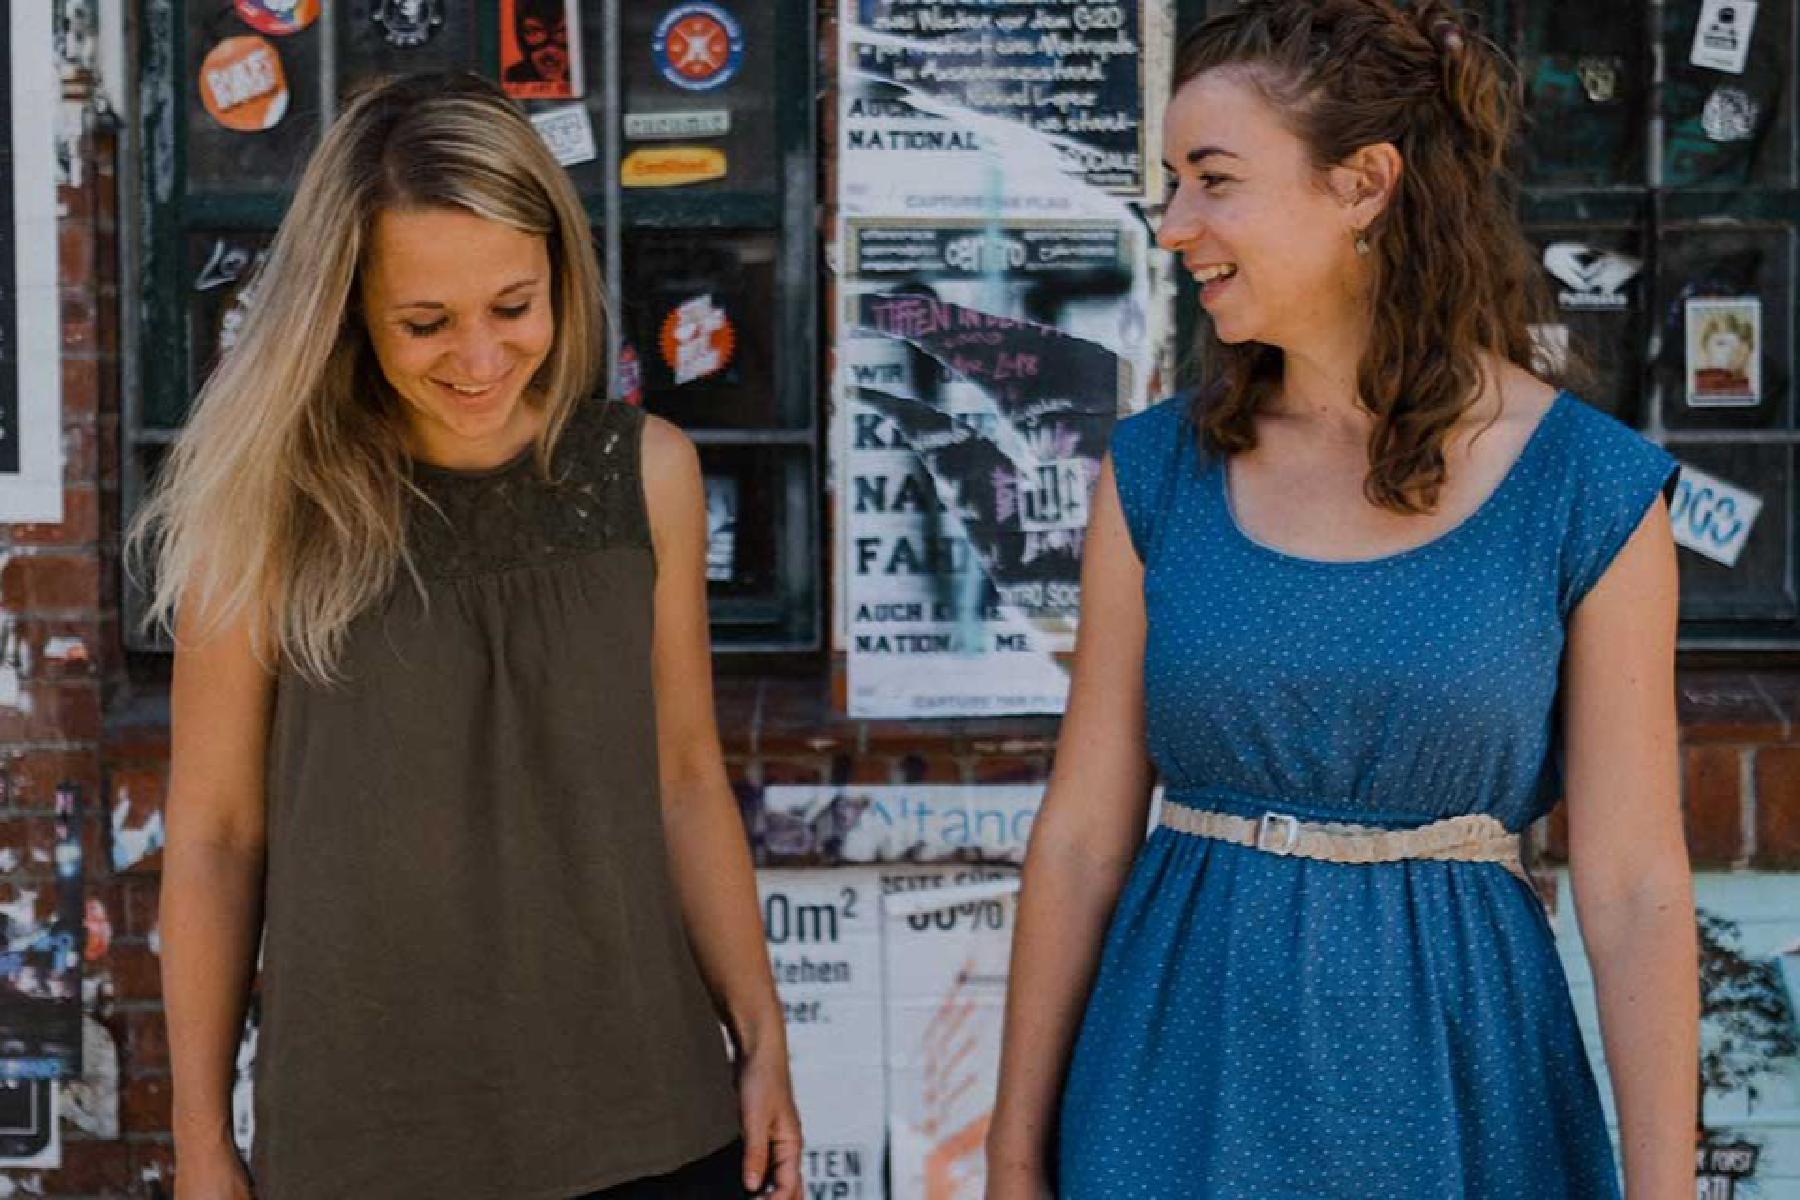 SofaConcerts Gründerinnen Miriam und Marie-Lene